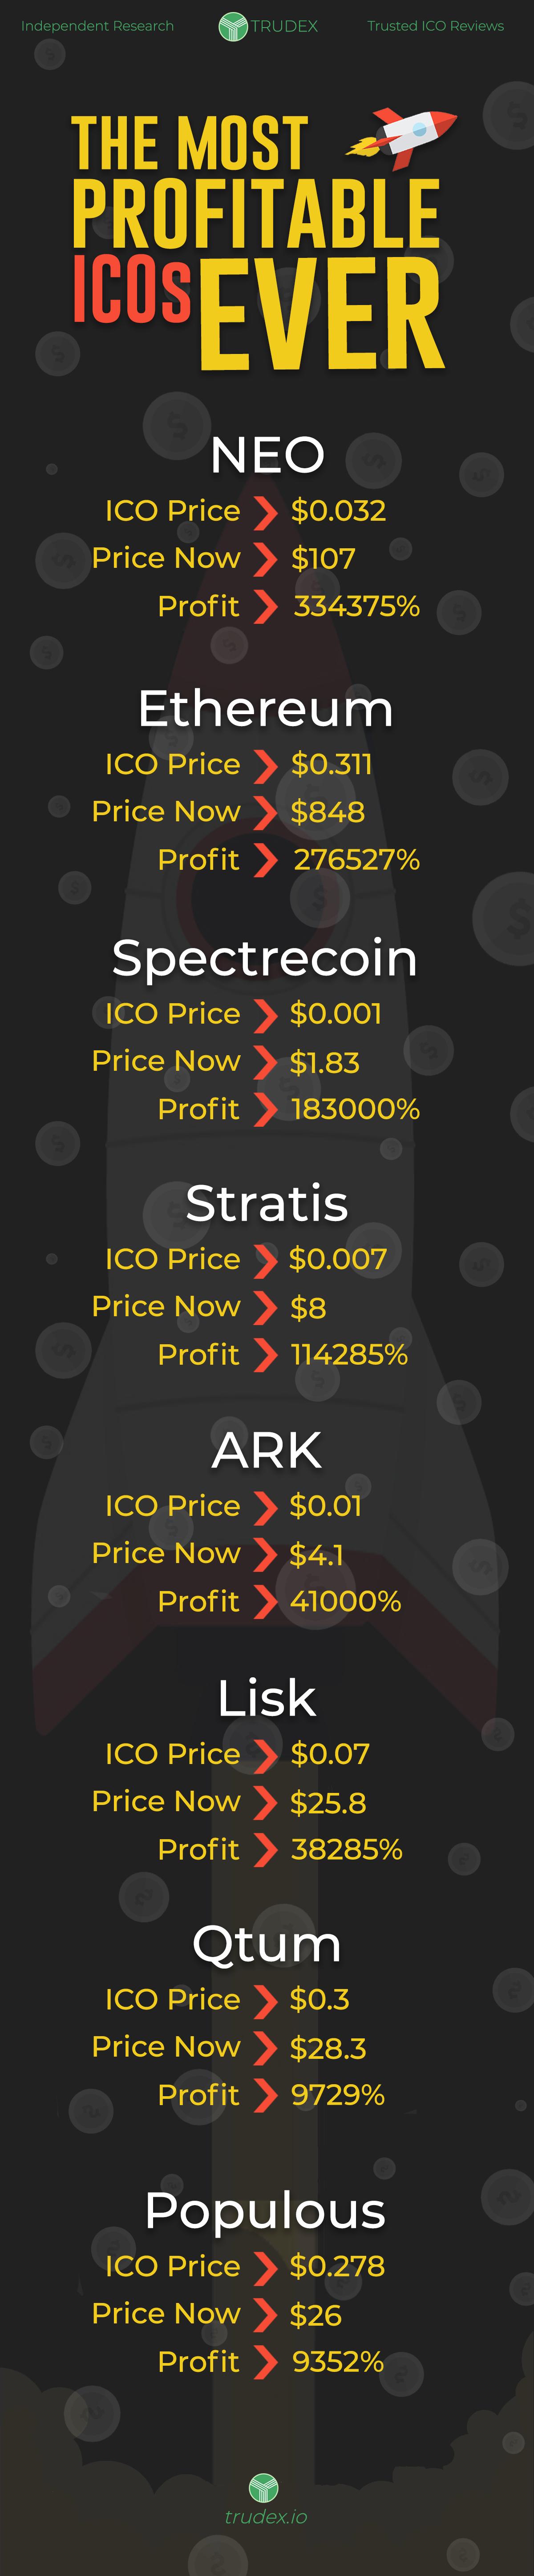 profitable icos